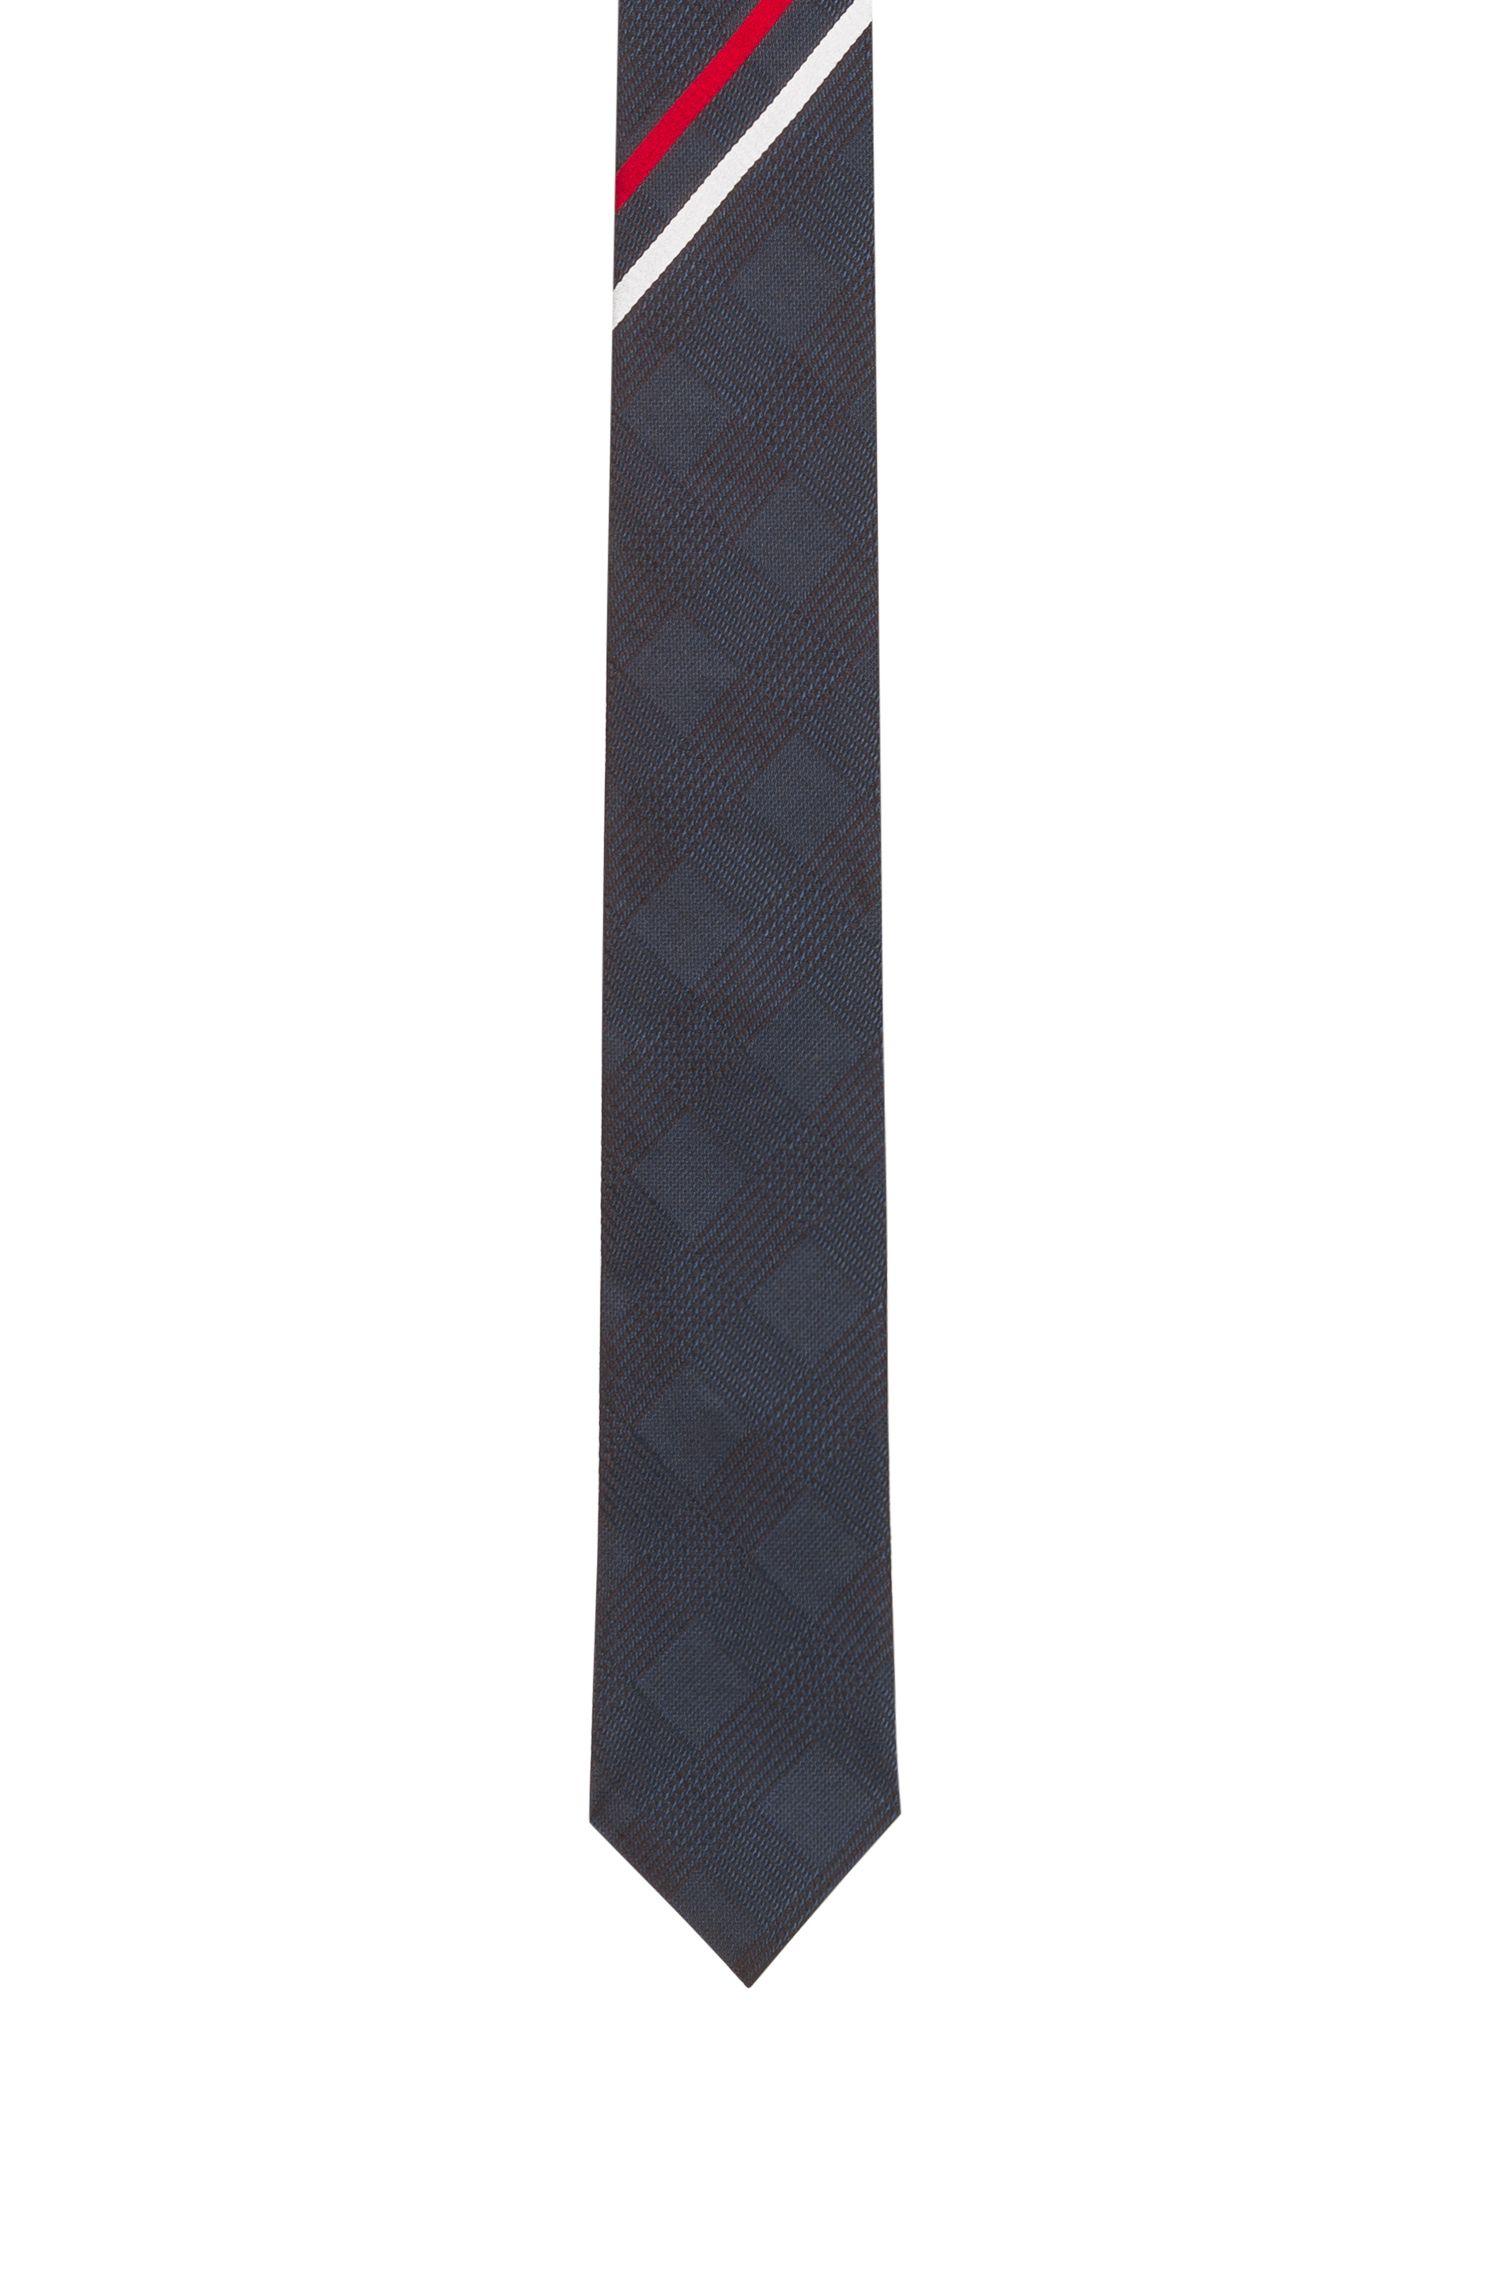 Corbata en jacquard de seda con rayas diagonales